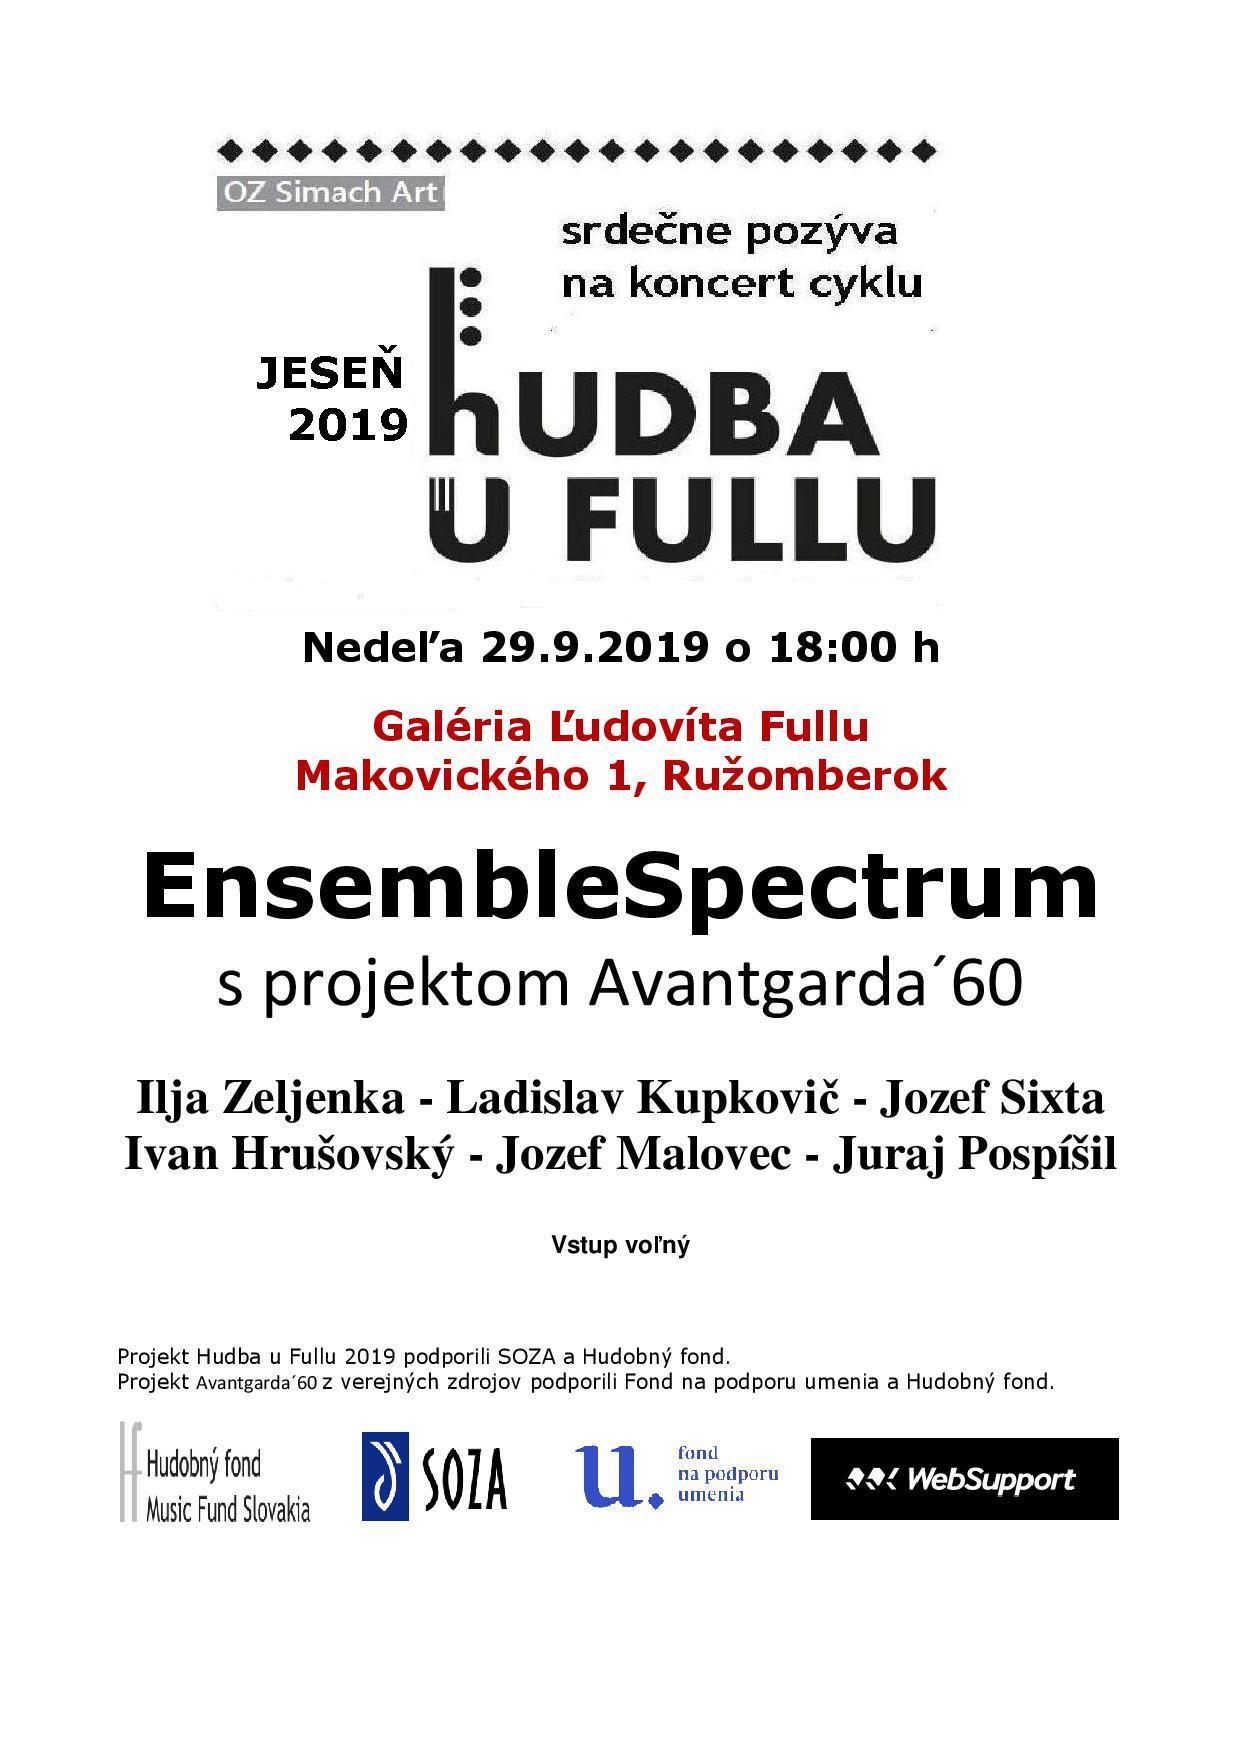 HUF__2019__EnsembleSpektrumjpg